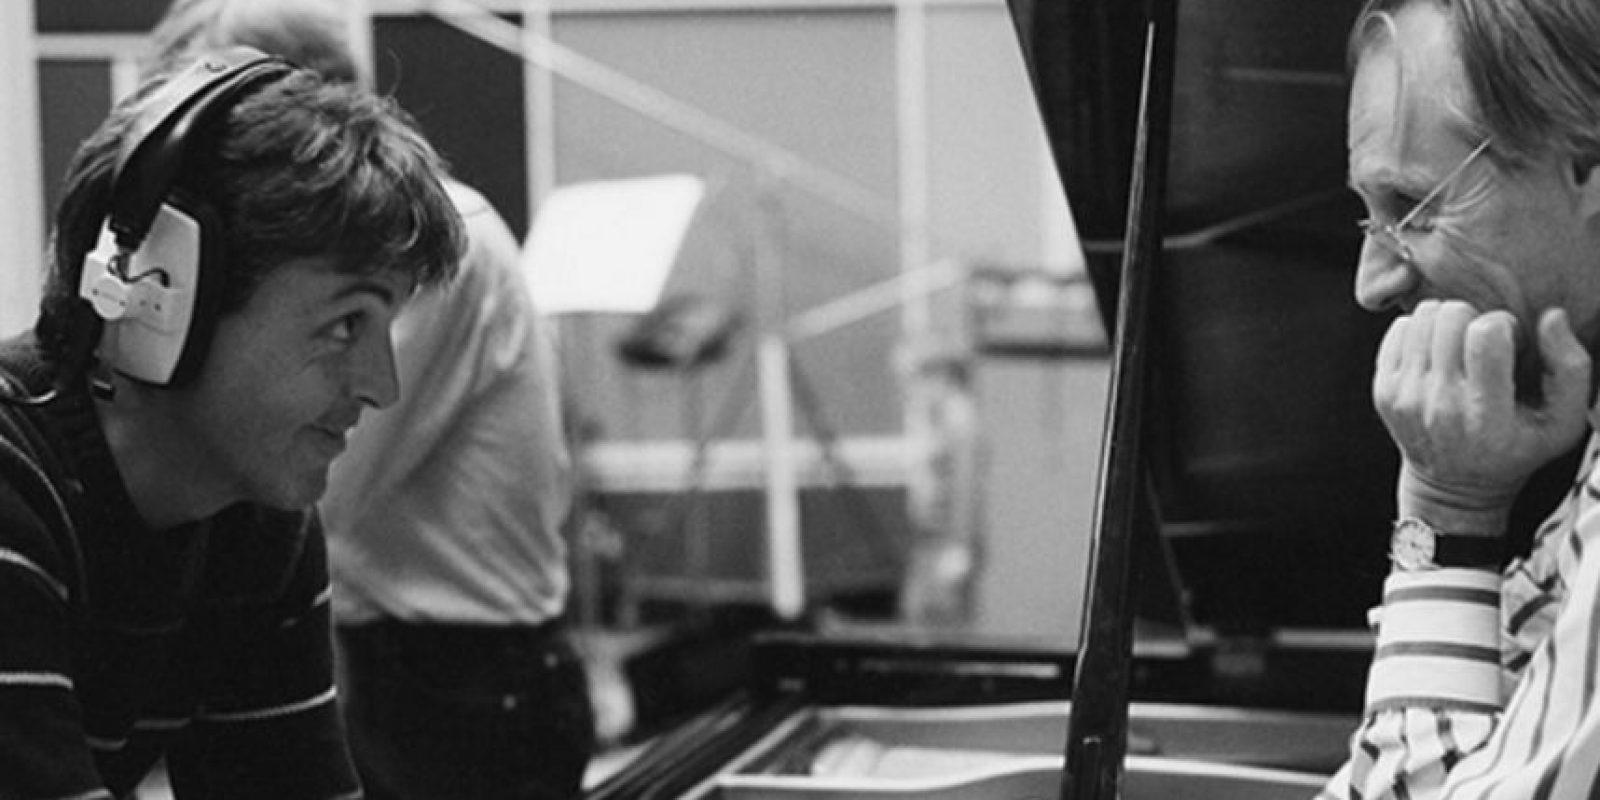 El productor británico, George Martin, llamado el quinto Beatle, falleció este martes a los 90 años Foto:Vía twitter.com/paulmccartney